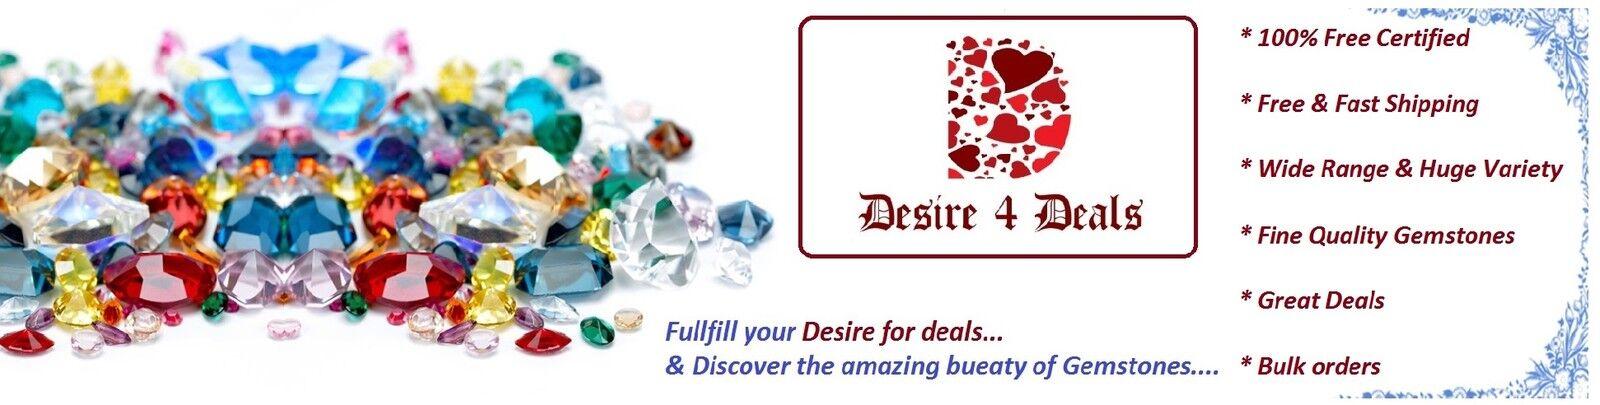 Desire 4 Deals